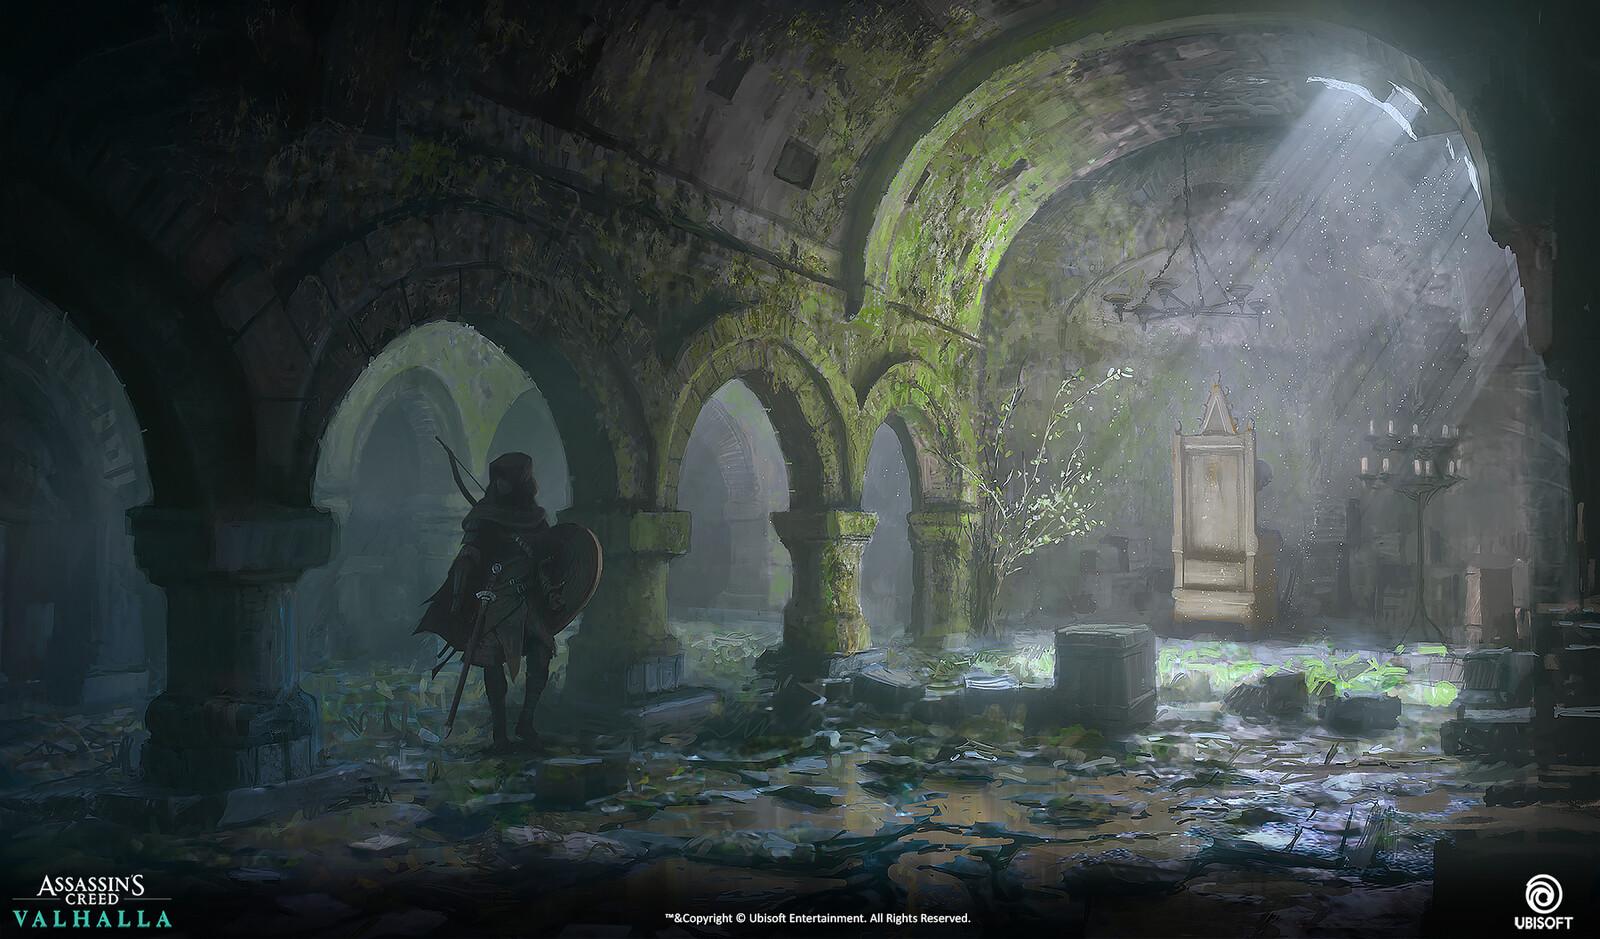 Salle du trône.